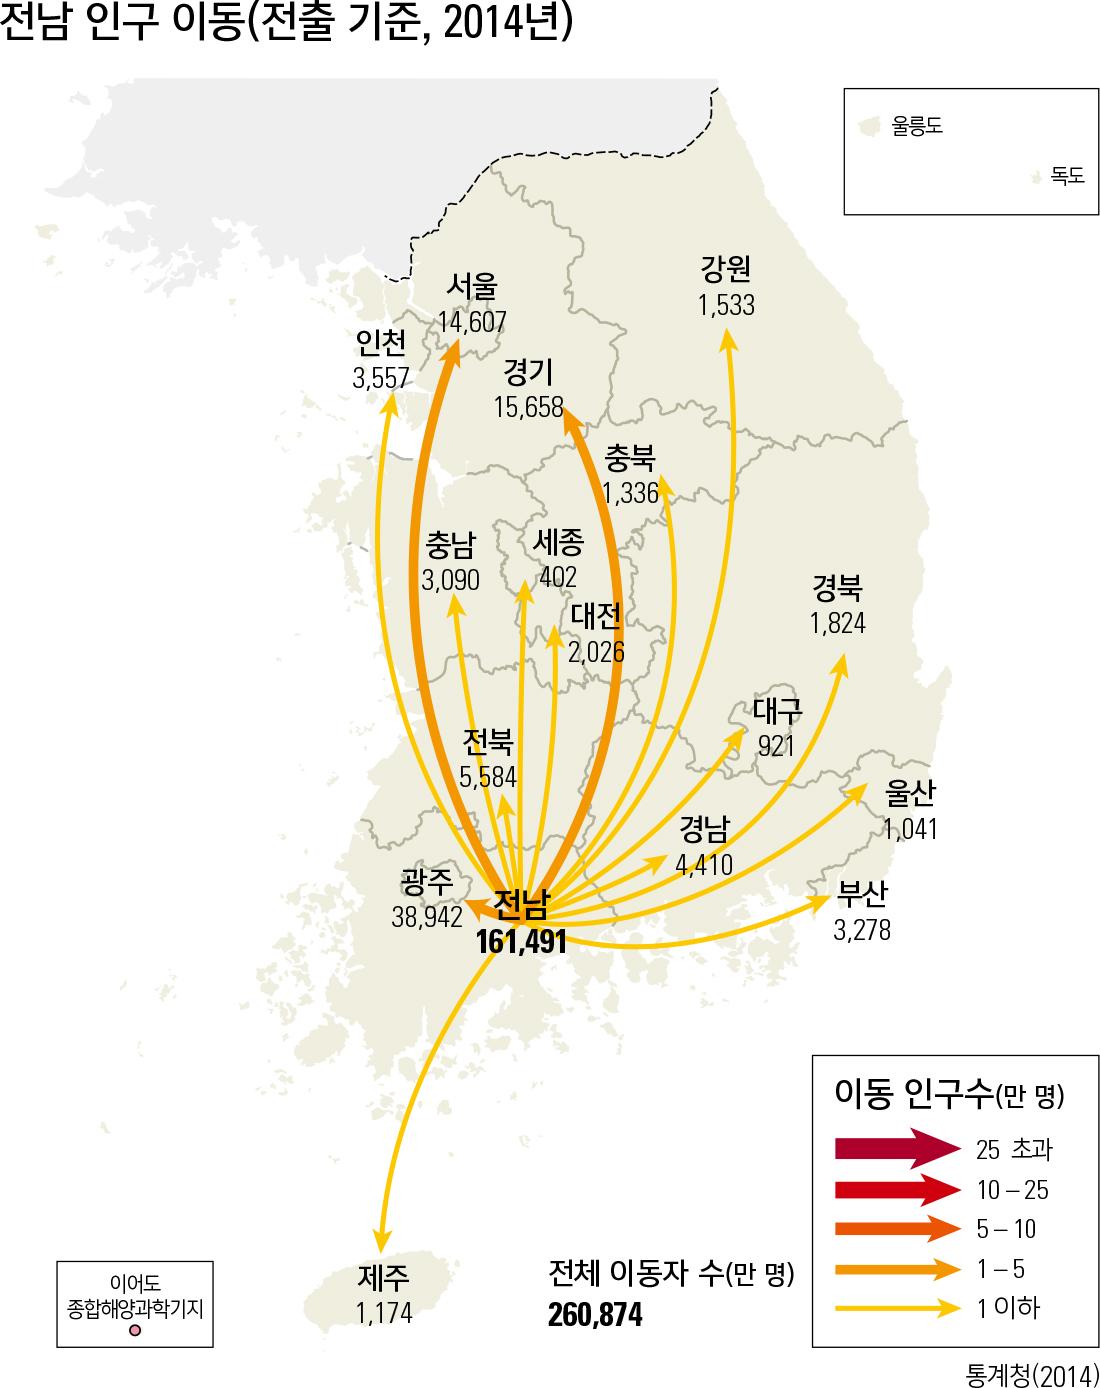 전남 인구 이동(전출 기준, 2014년)